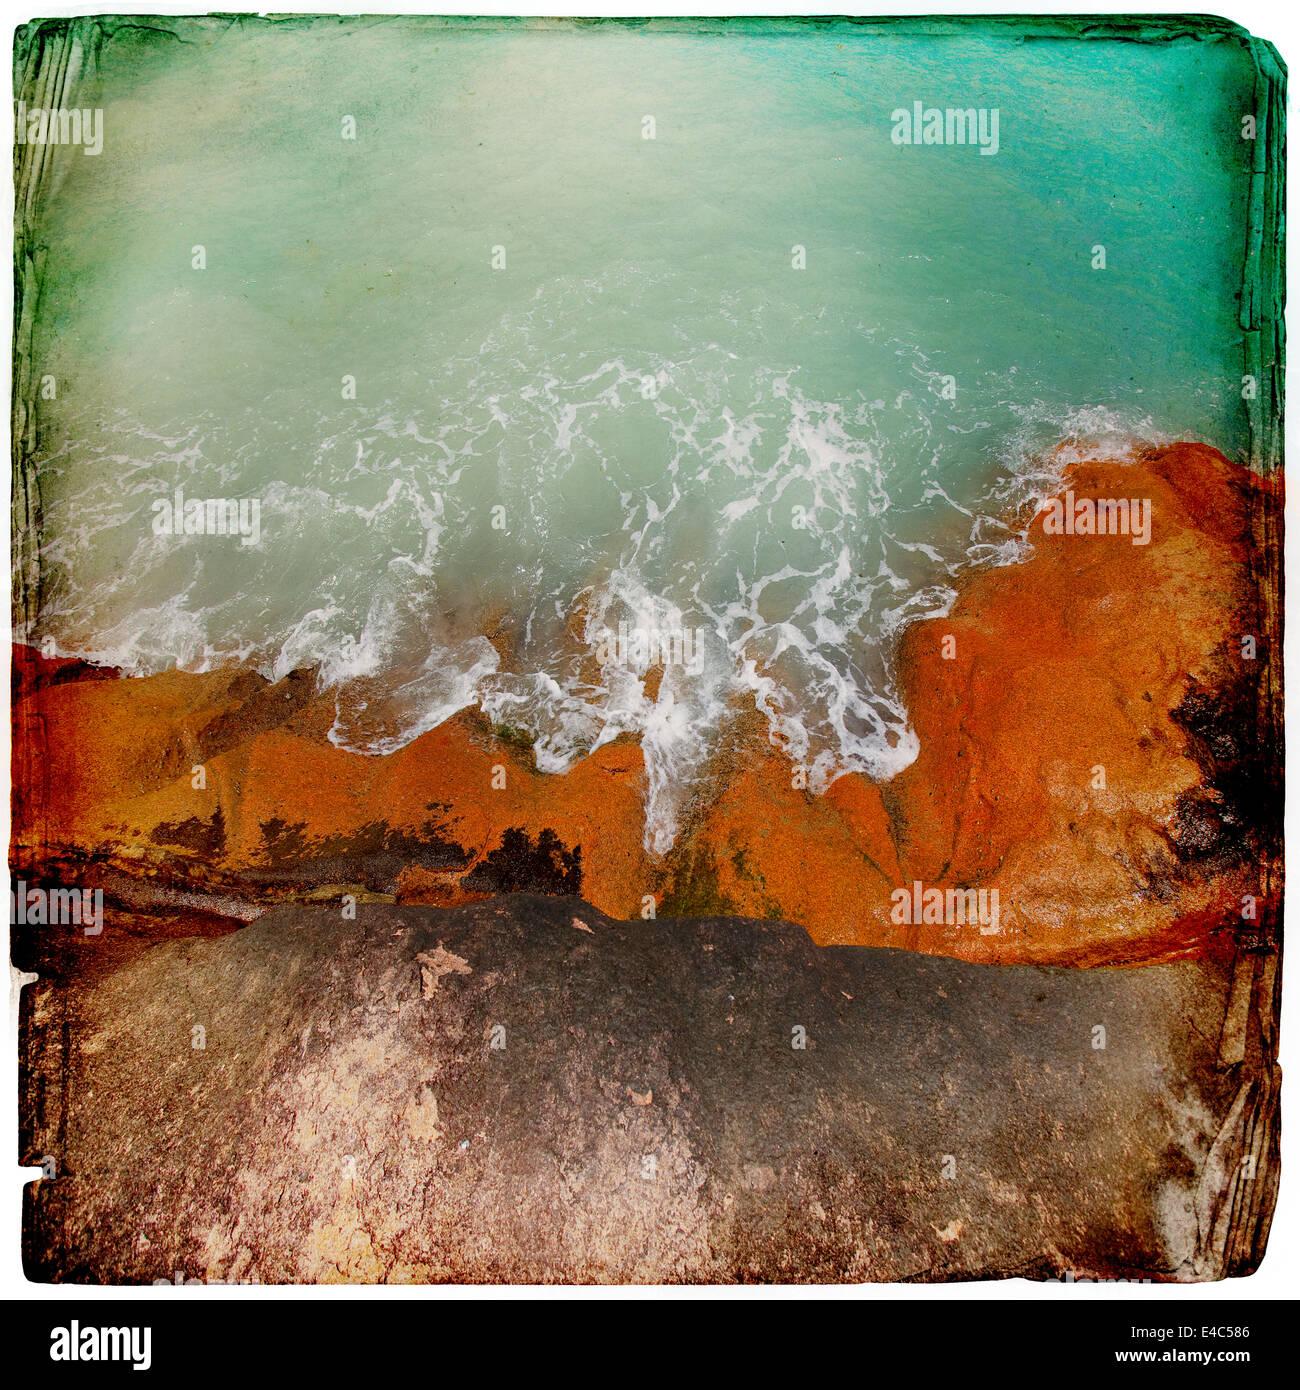 Rocce di granito nel fondo di acqua Immagini Stock